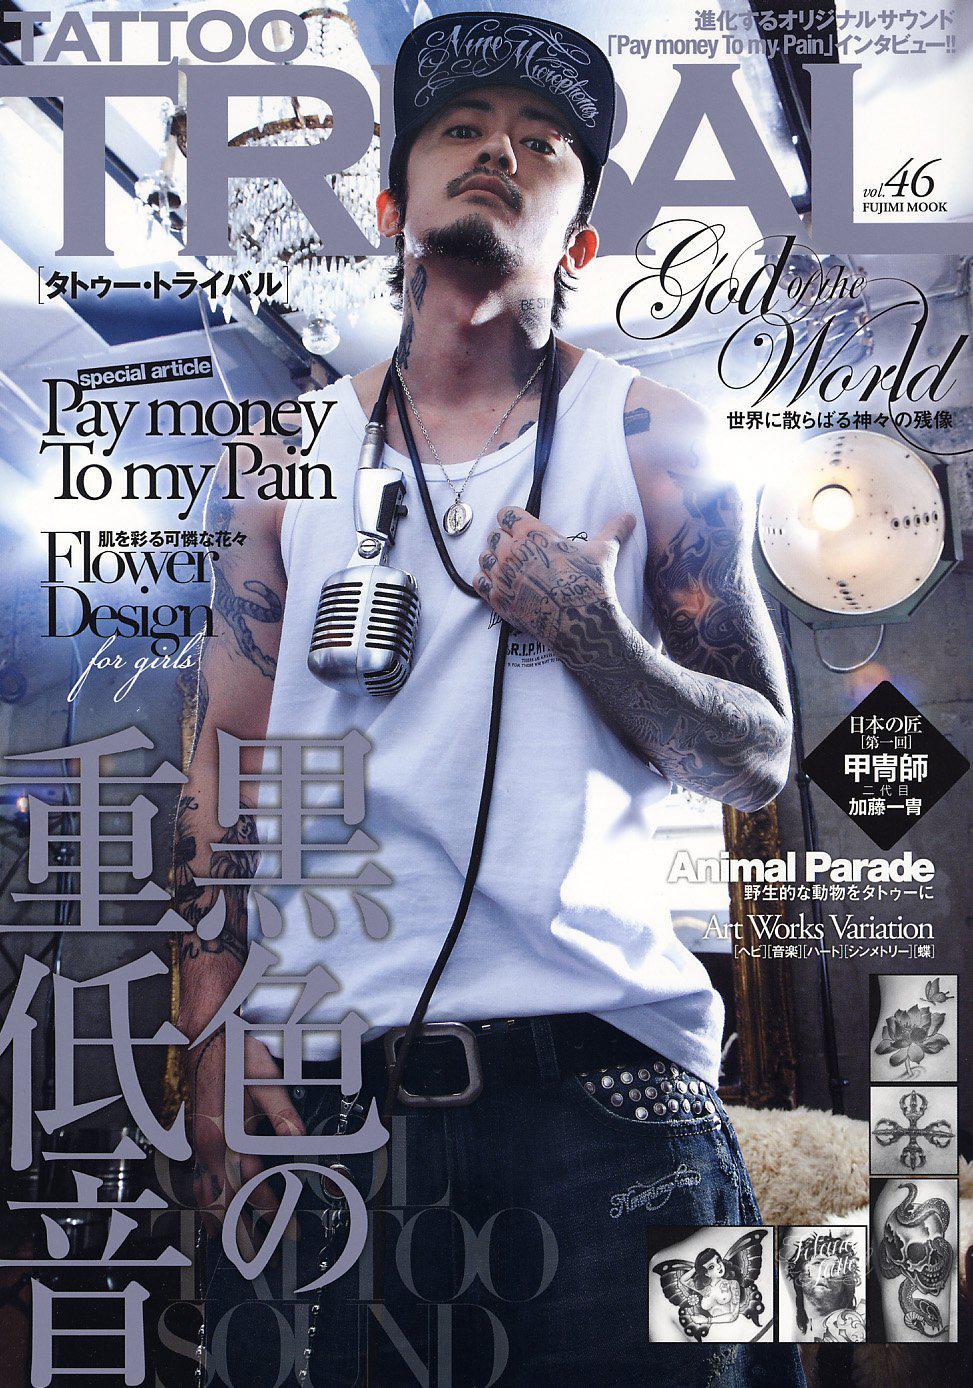 tattoo_tribal_46_20110325